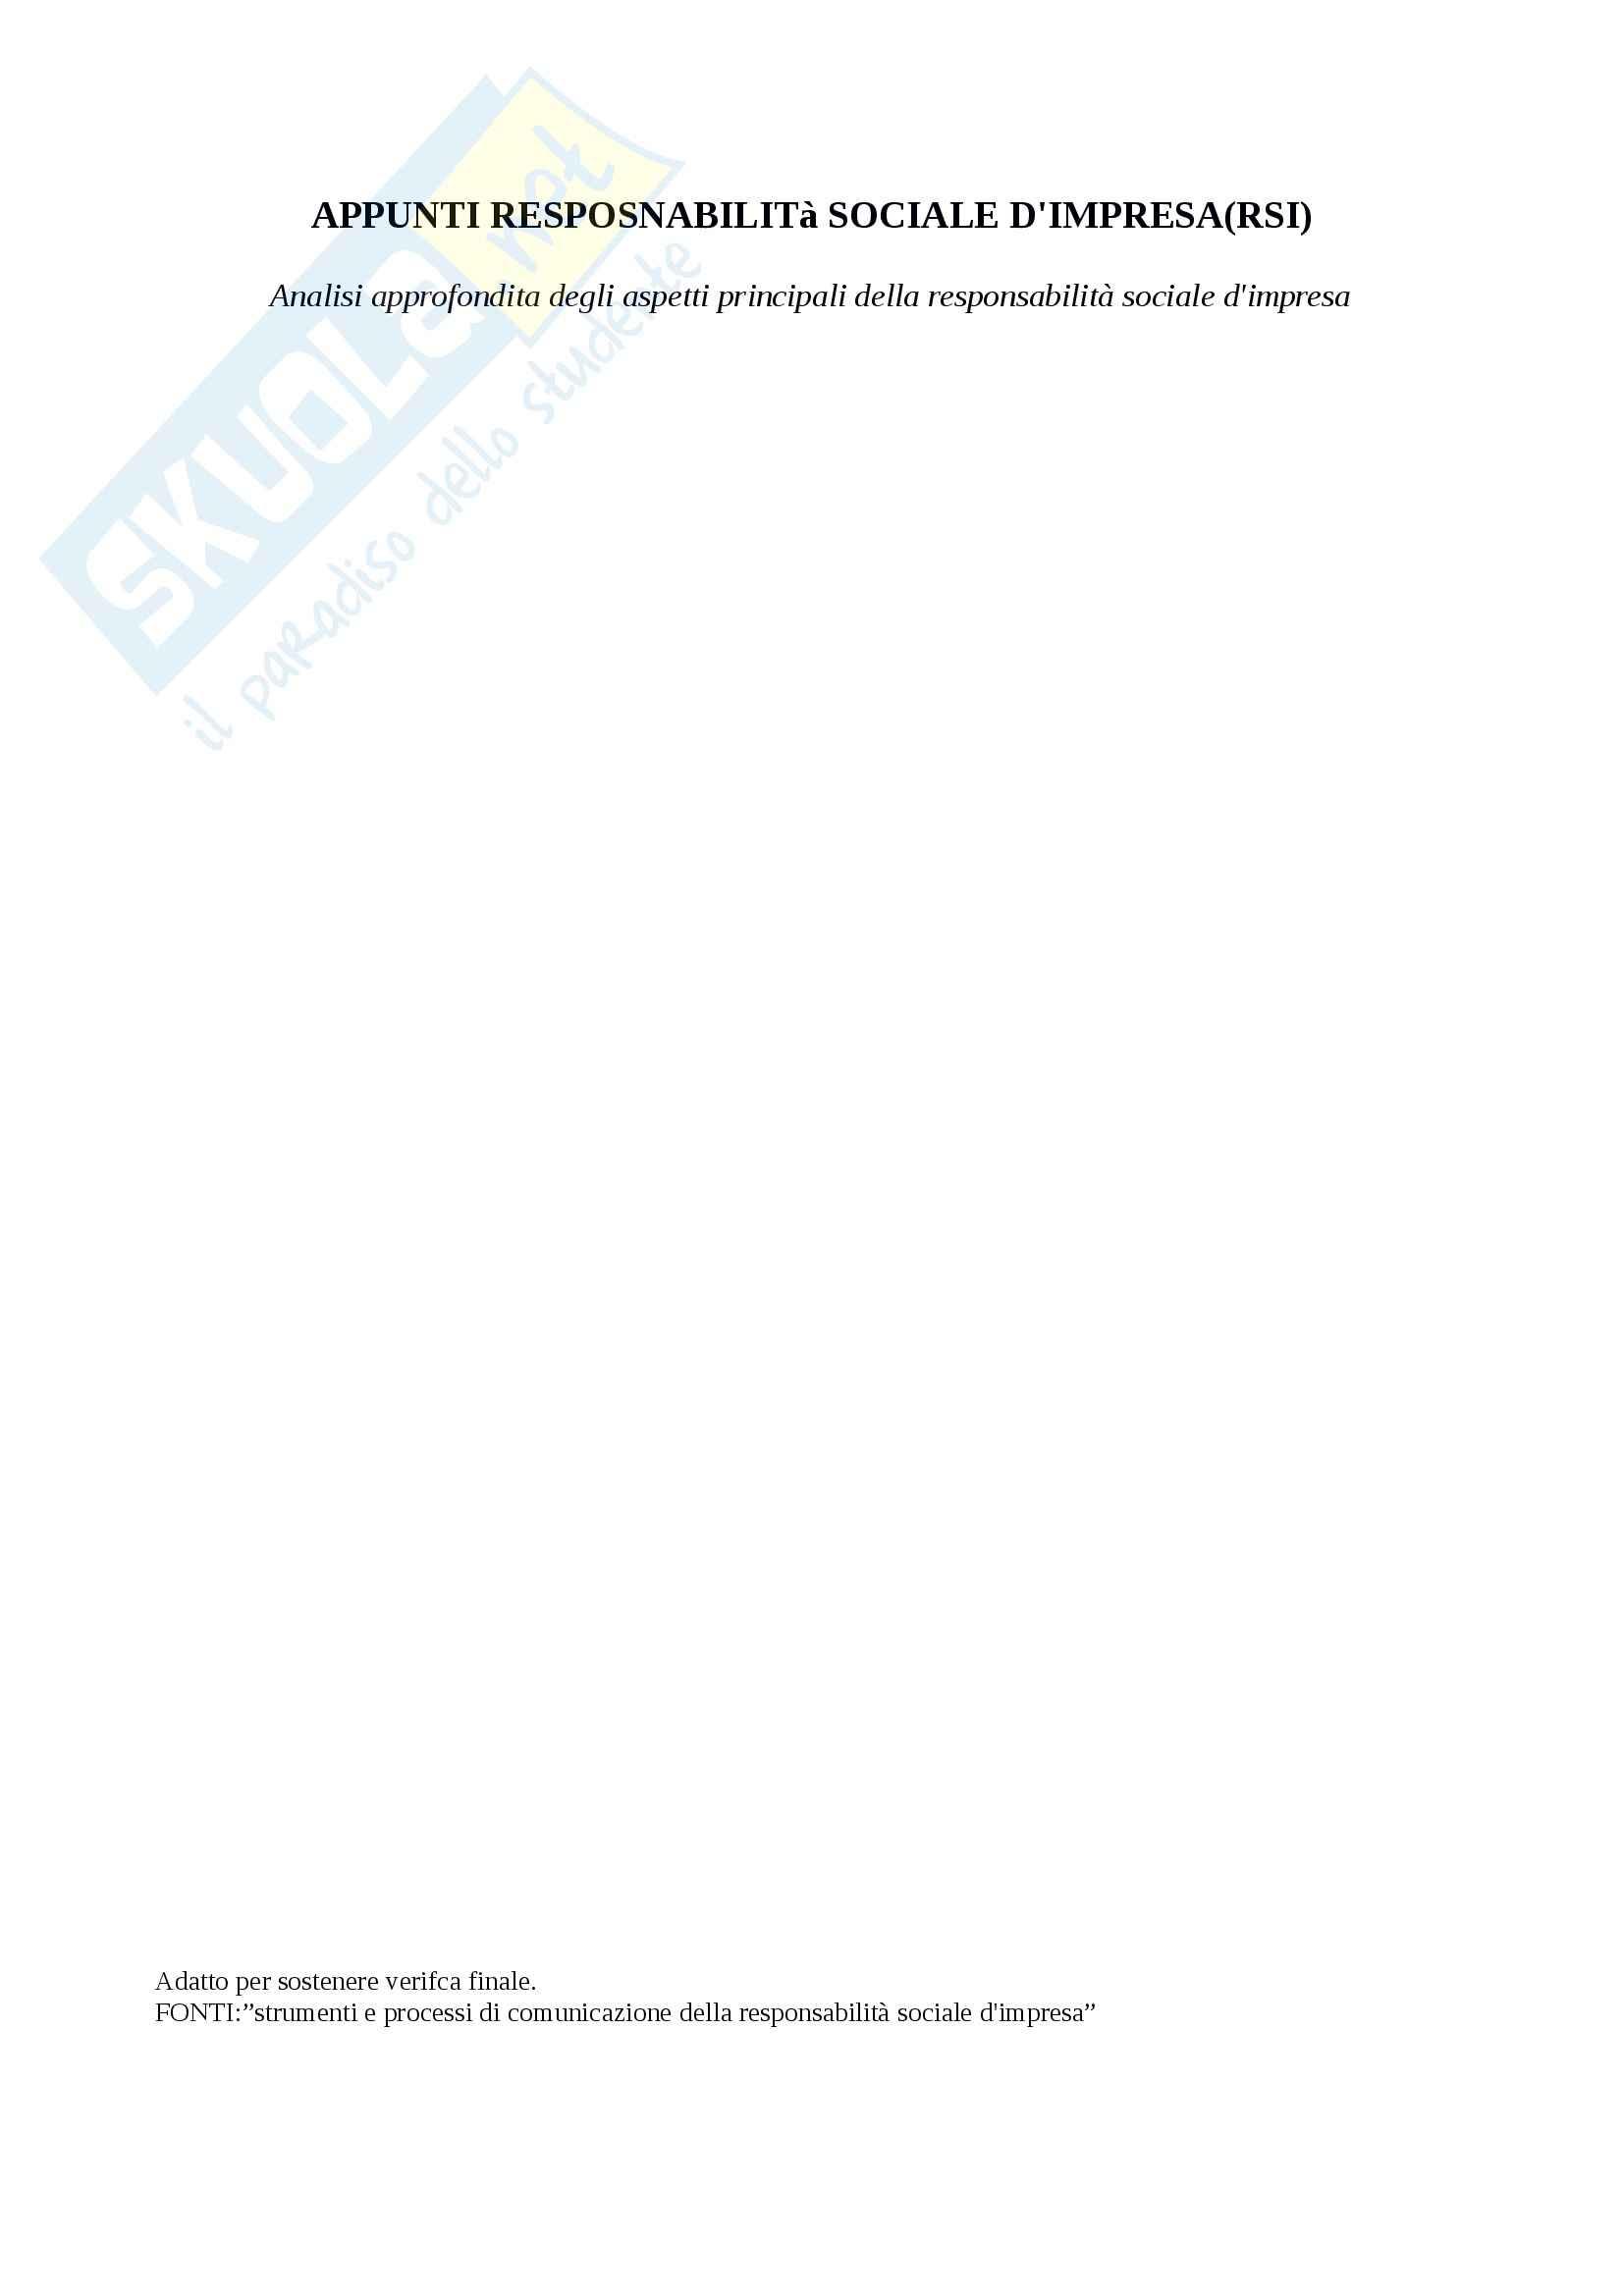 Riassunto esame responsabilita sociale d'impresa, prof. Furlotti, libro consigliato Strumenti e processi di comunicazione della responsabilità sociale d'impresa, Furlotti